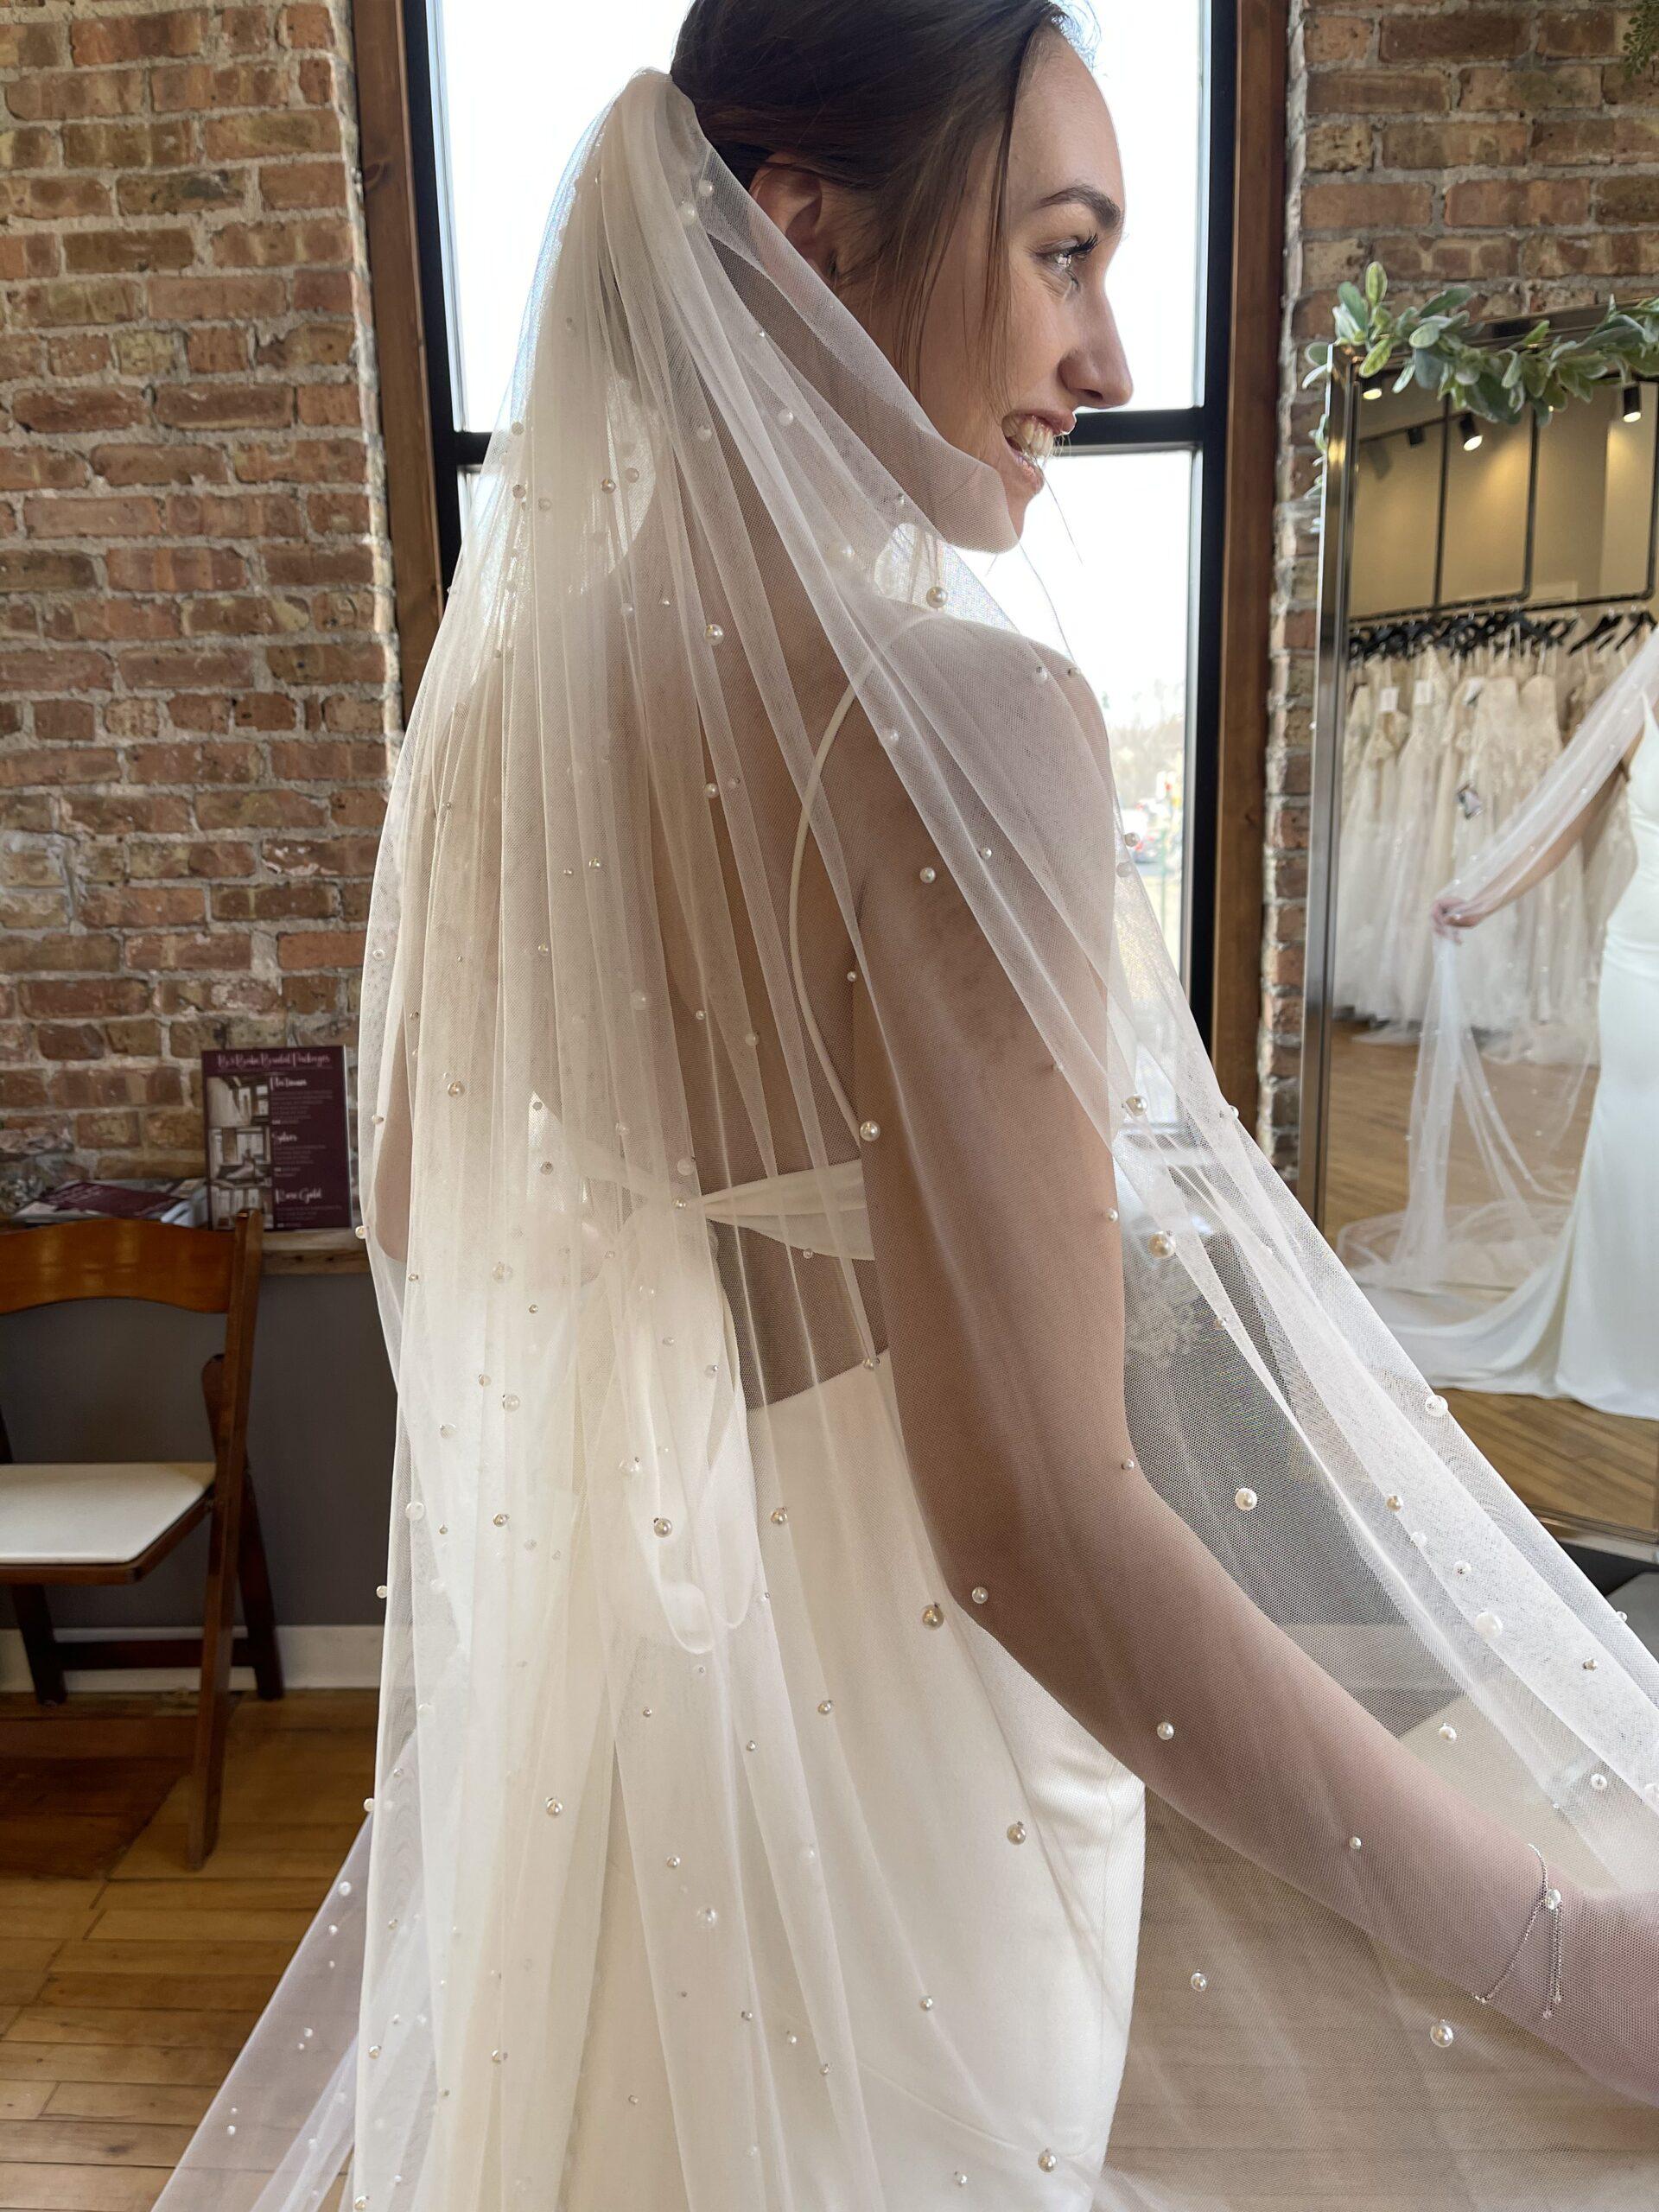 Bon Bon Belle Store | Bridal Accessories Pearl Veil | Burlington, WI